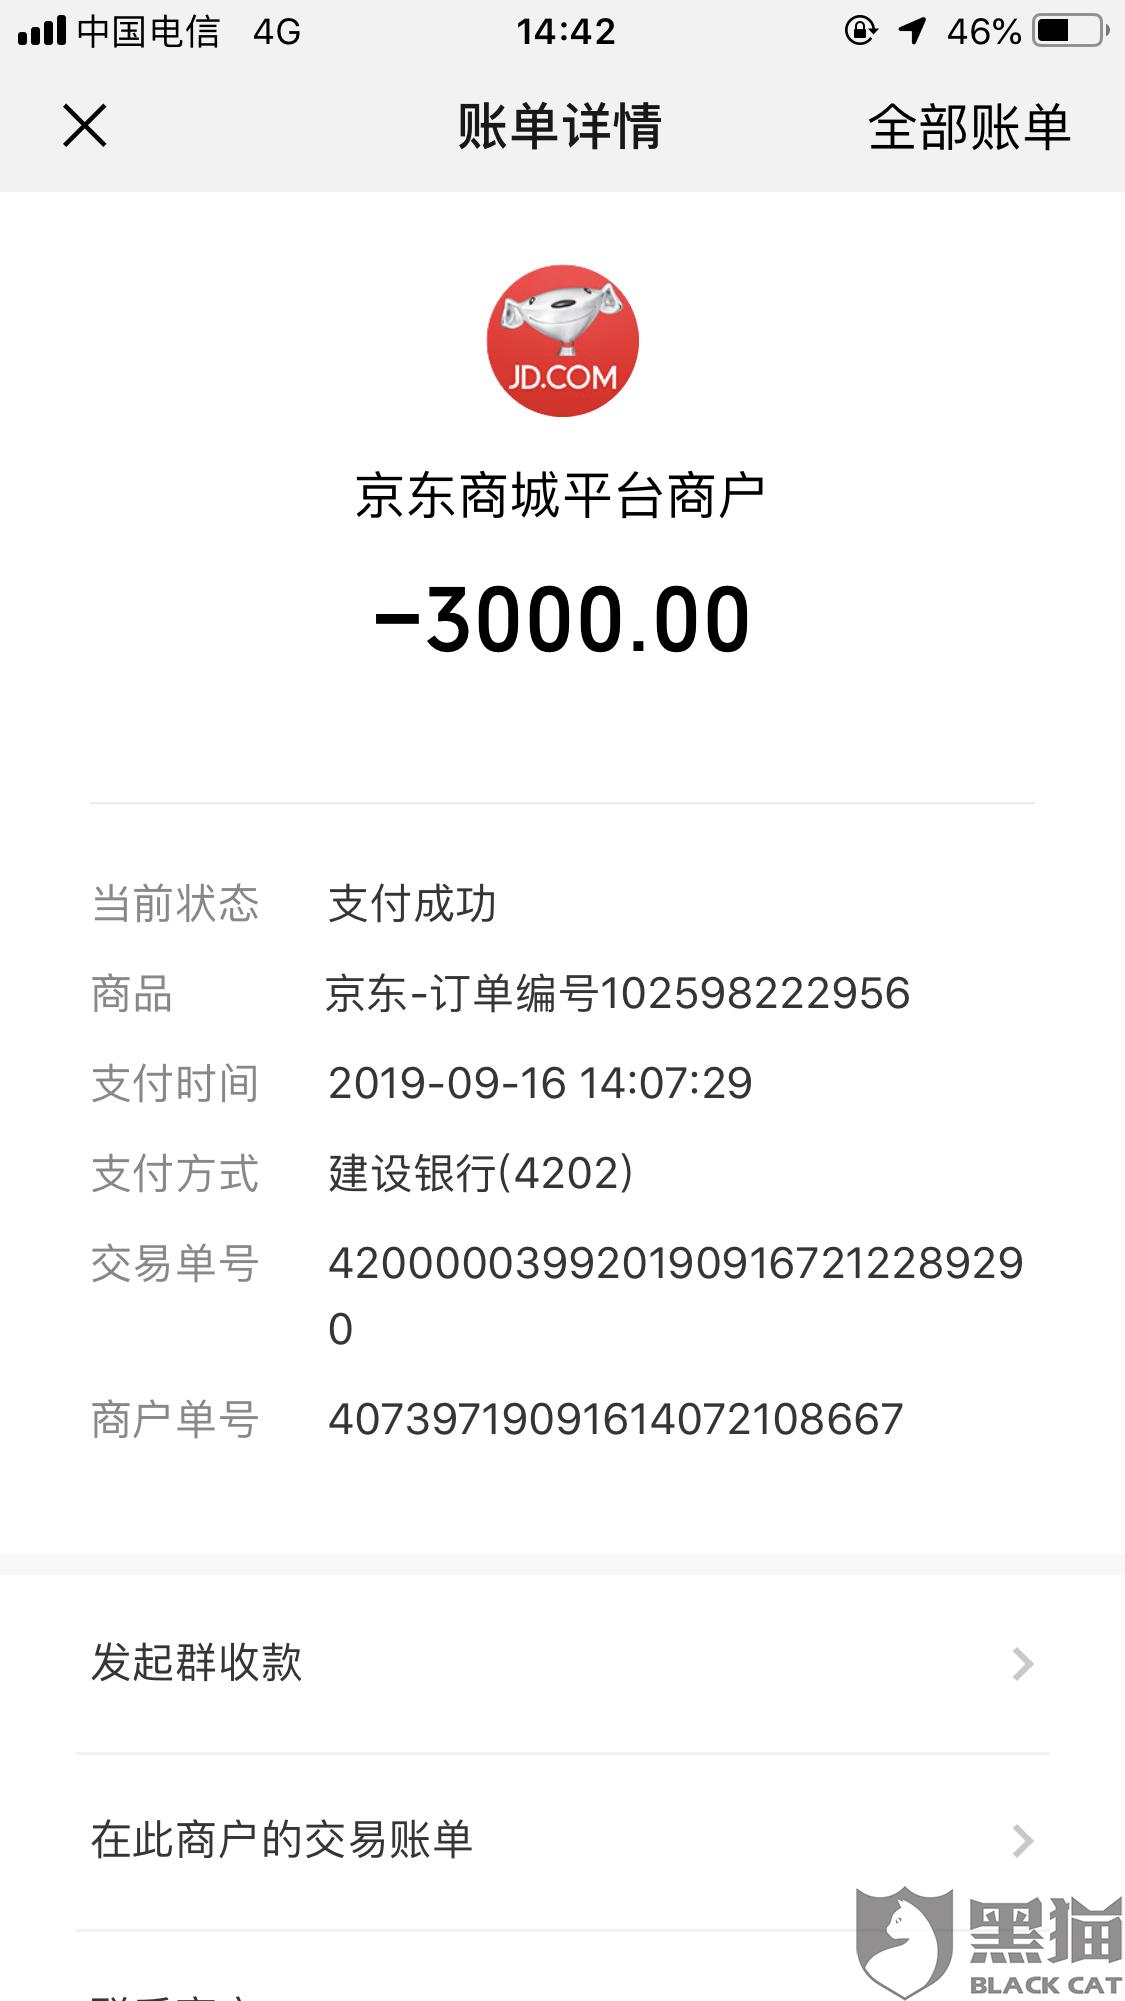 黑猫投诉:卖家发送假的转转链接,实际我付款给京东平台商户。商户名为:光汇云油官方旗舰店